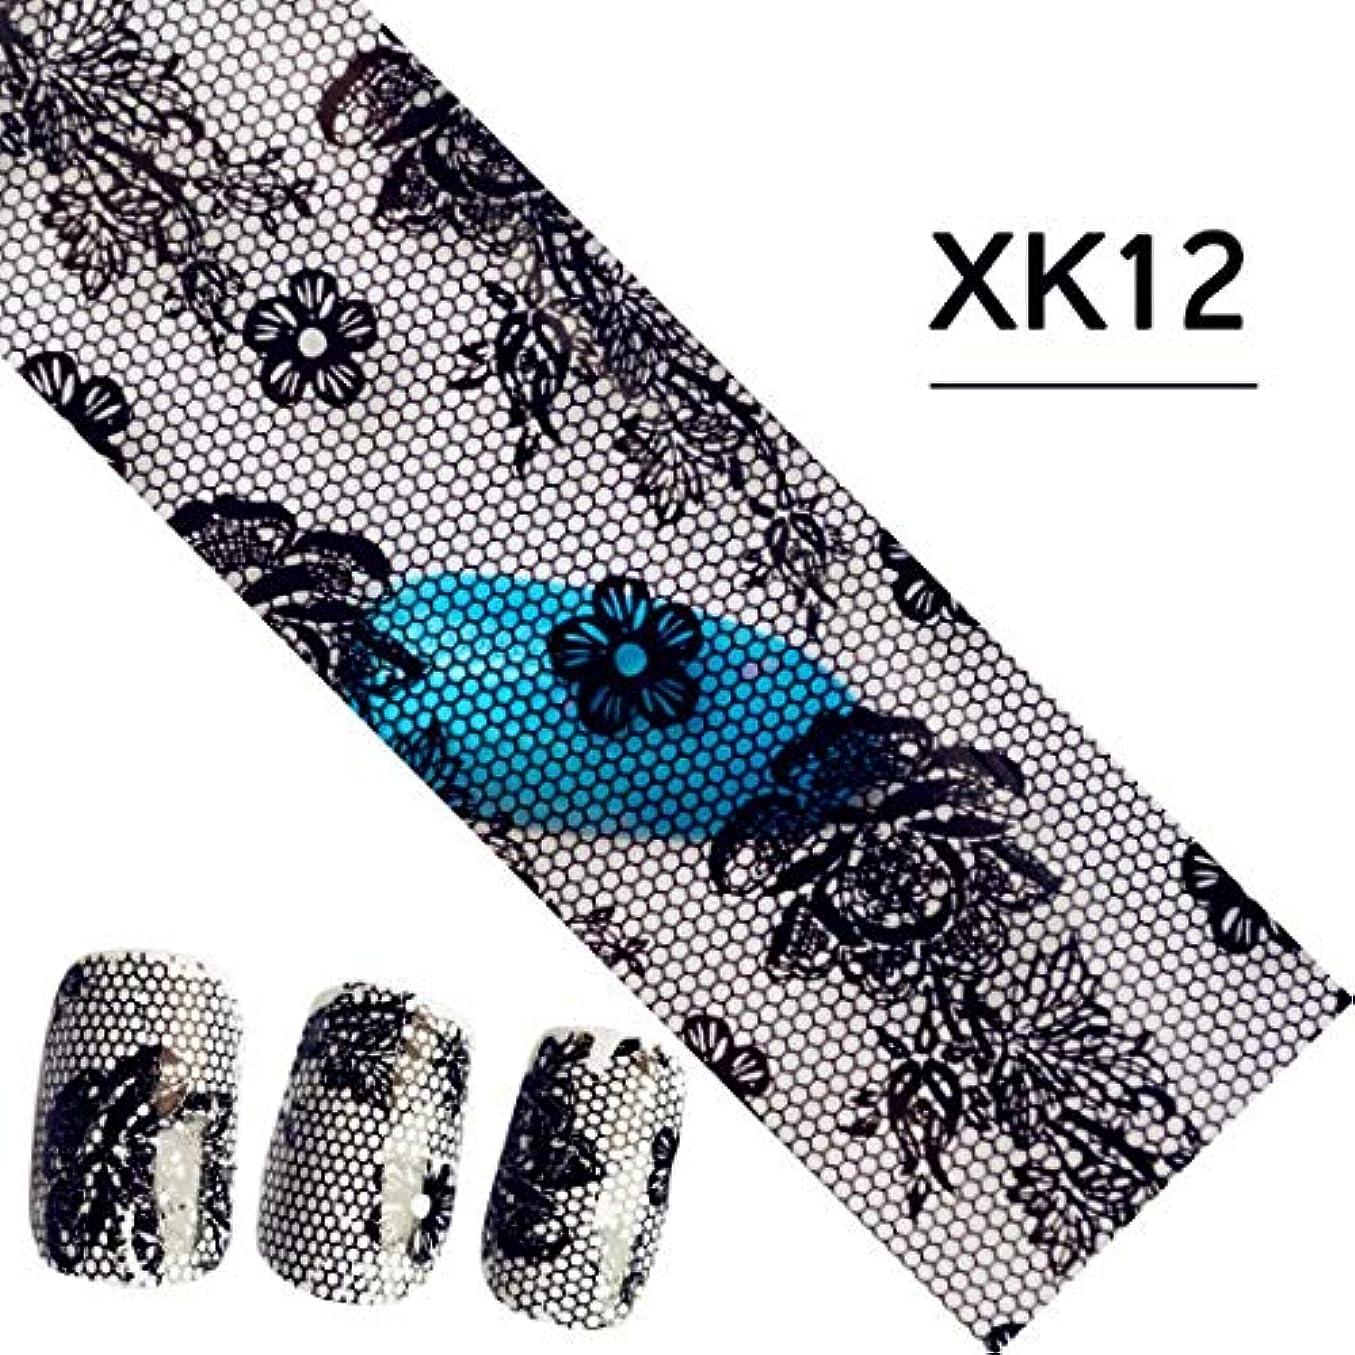 麻痺させる解く予防接種SUKTI&XIAO ネイルステッカー ゴールドストライプの異なるデザインステッカーネイルアート転送箔装飾スライダーネイルアートアクセサリー、Xk12